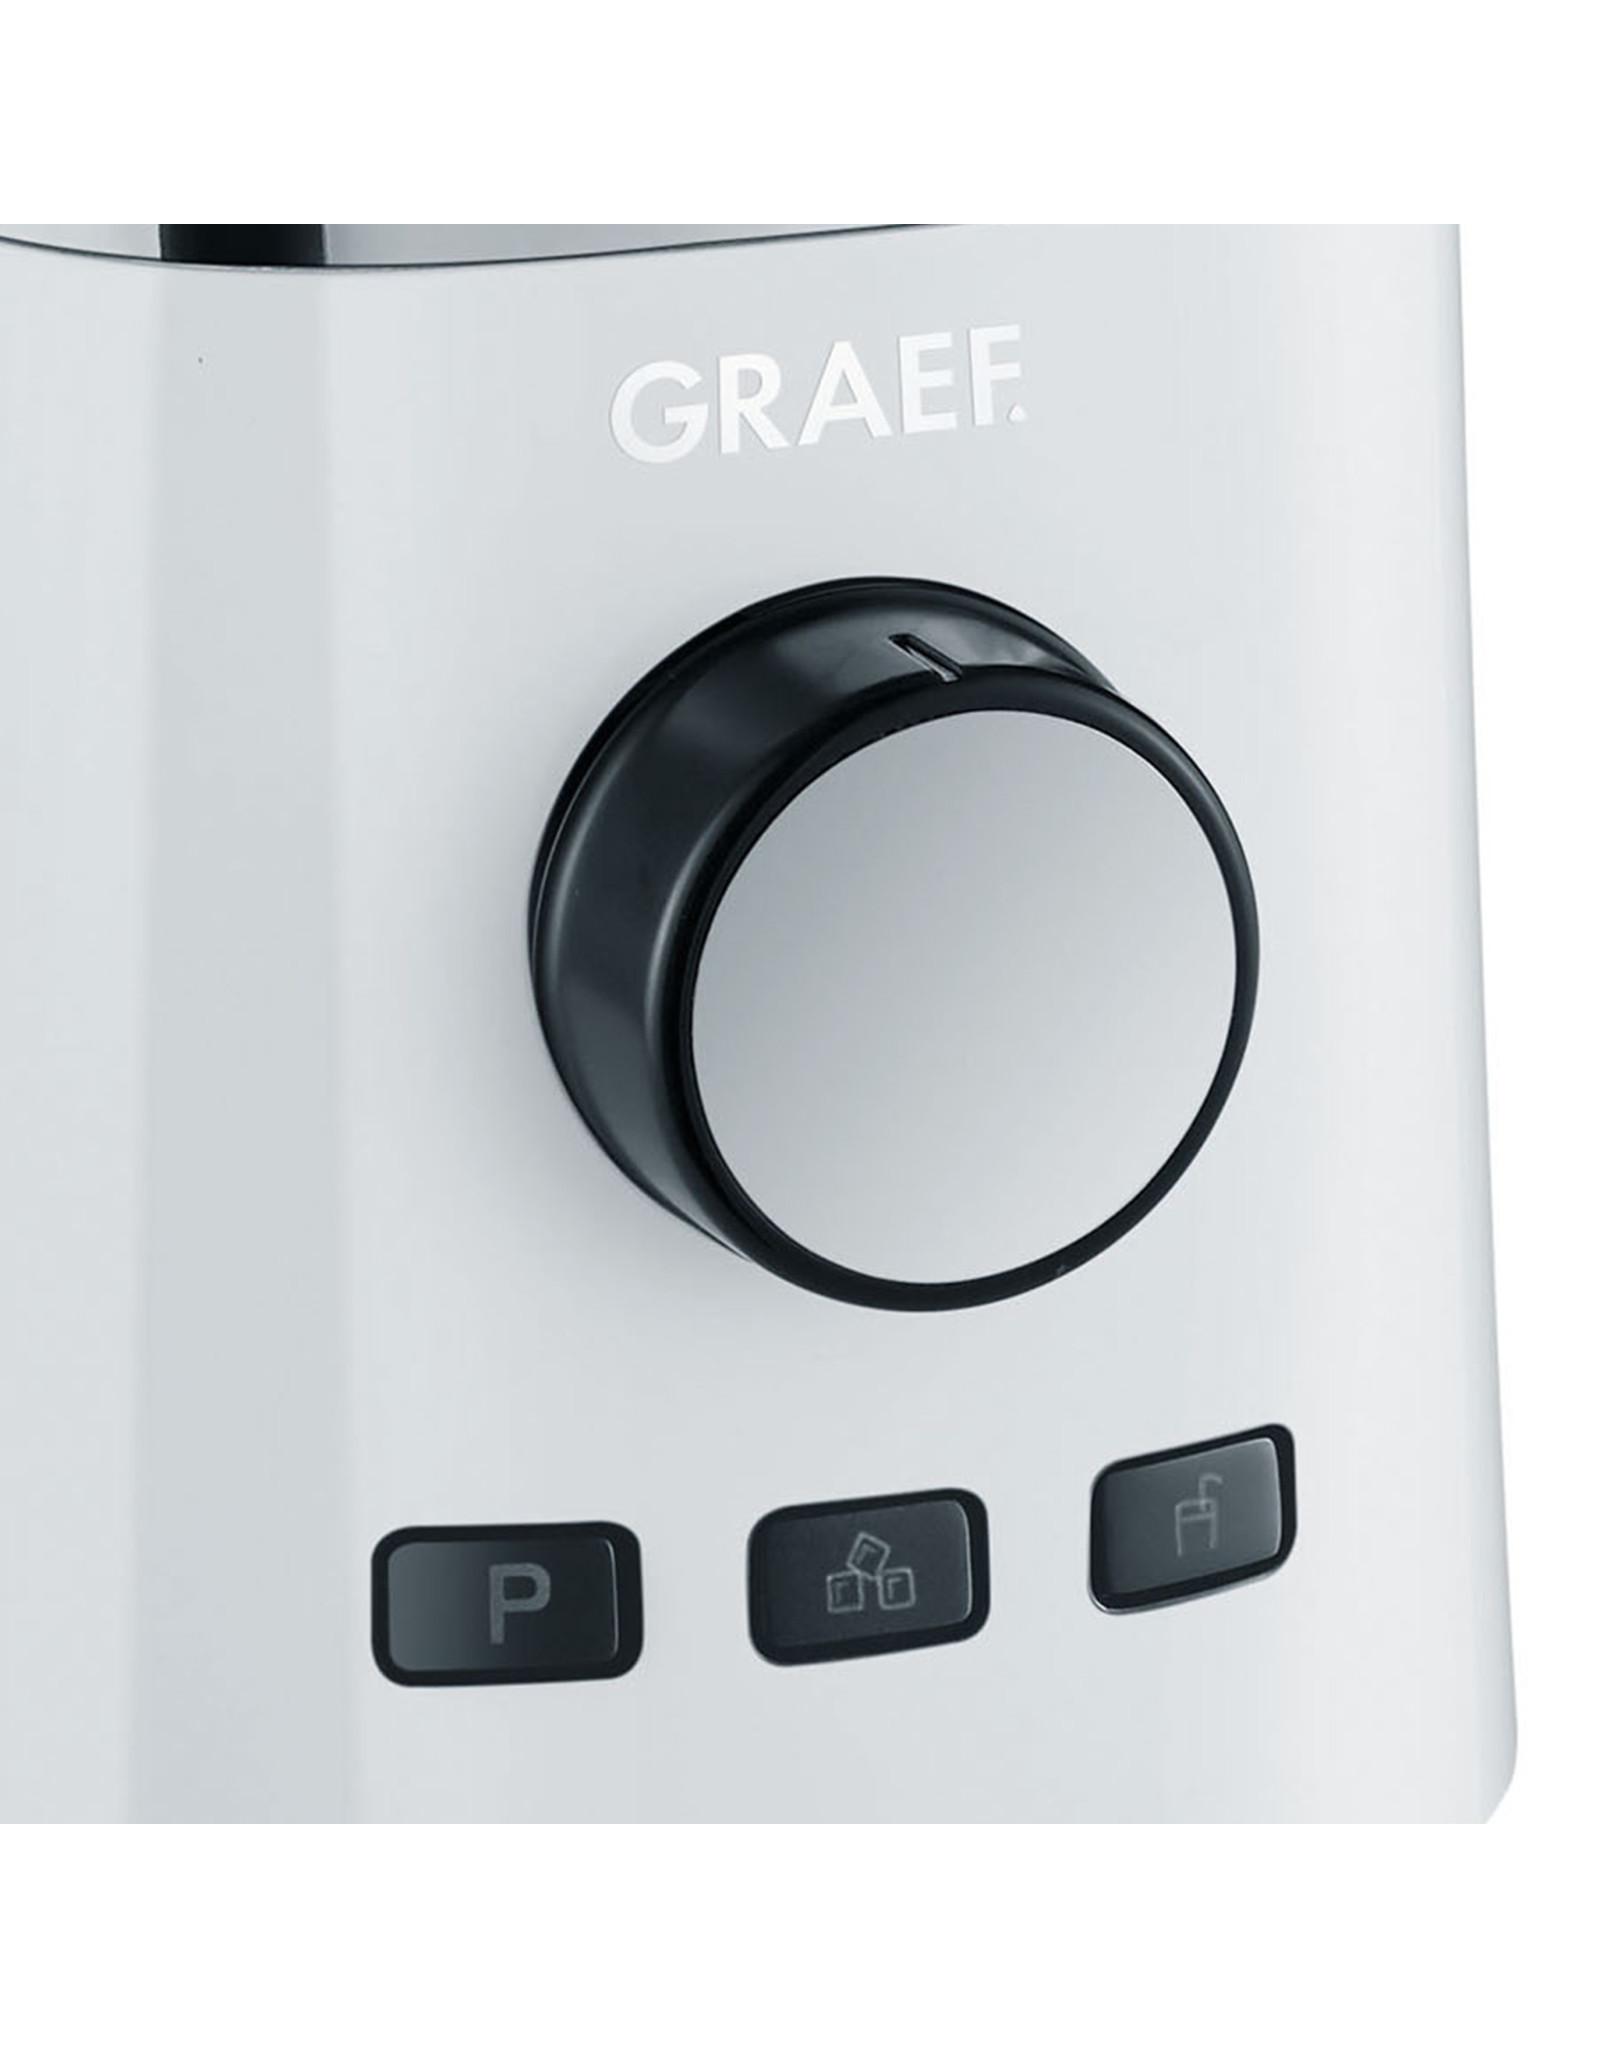 GRAEF GRAEF TB501EU BLENDER 50501 WIT